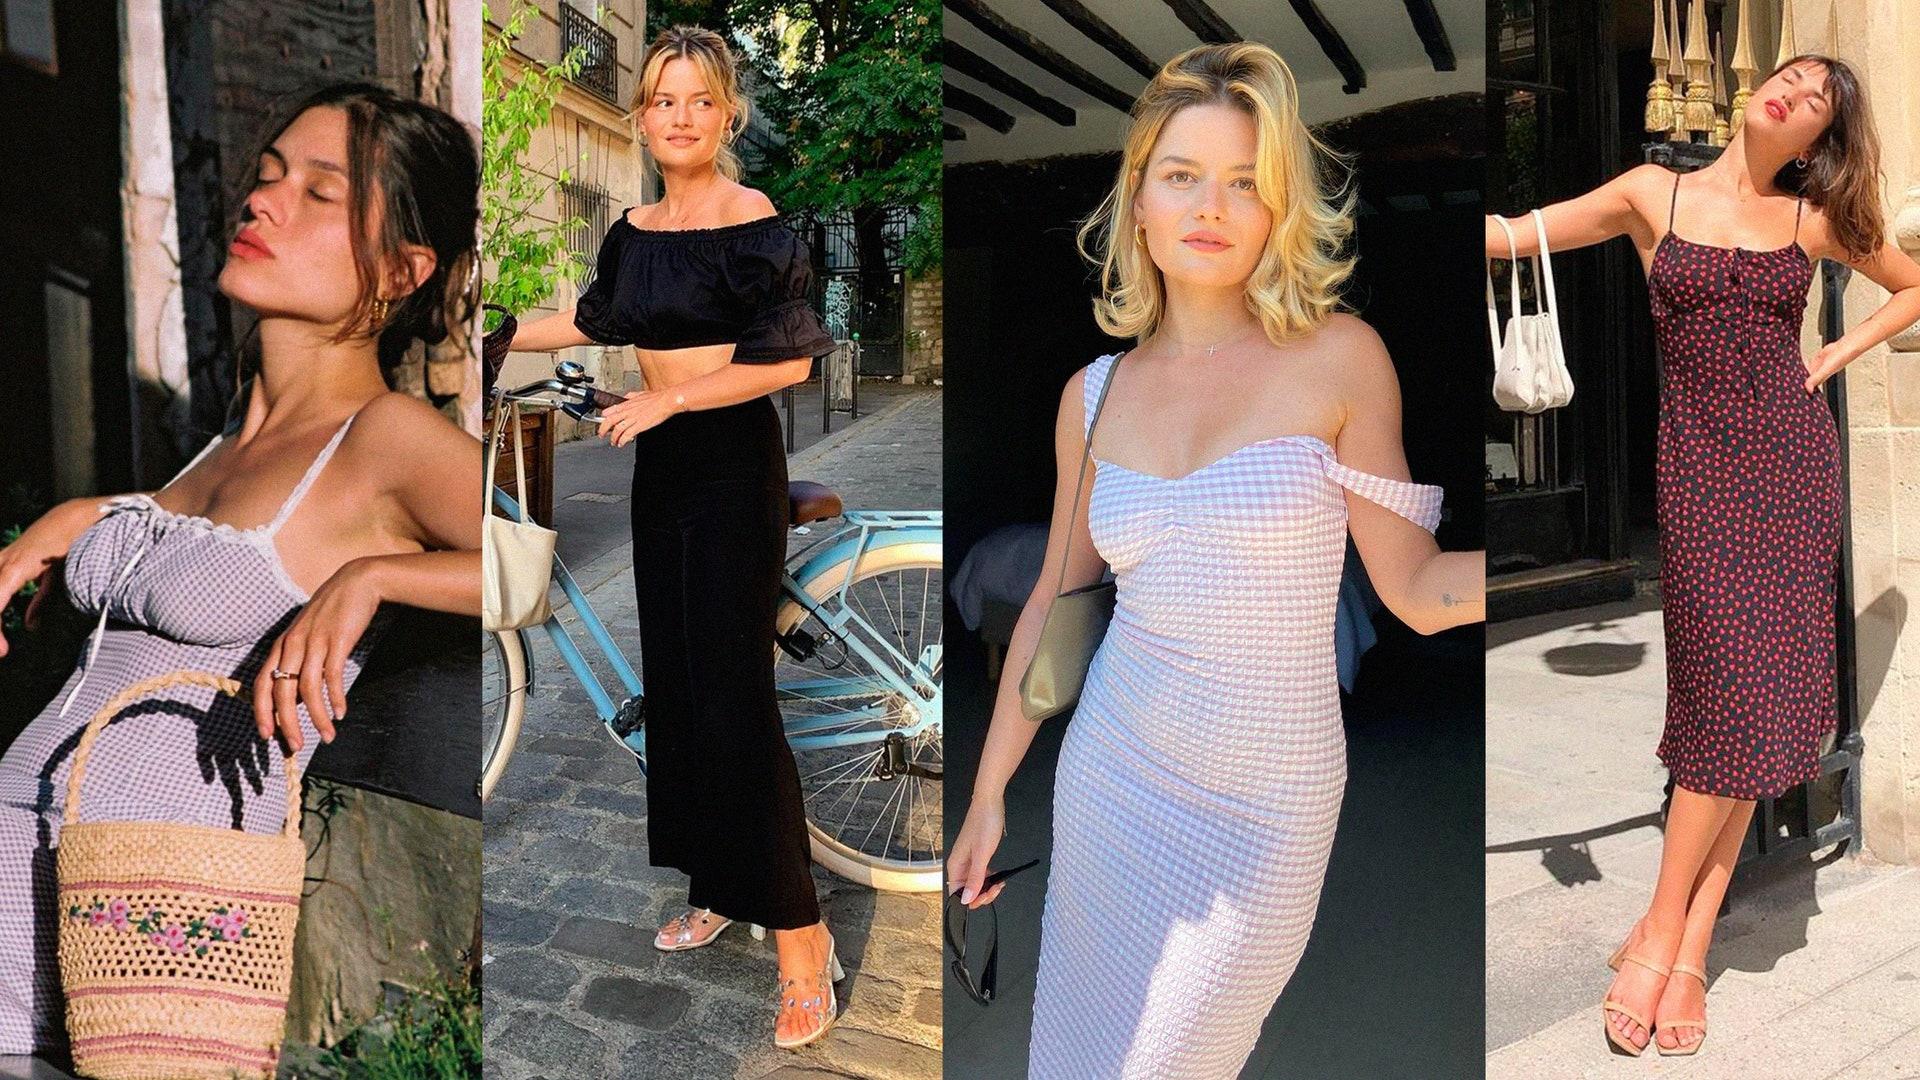 Как парижанки одеваются в жару: 10 модных образов, которые легко повторить